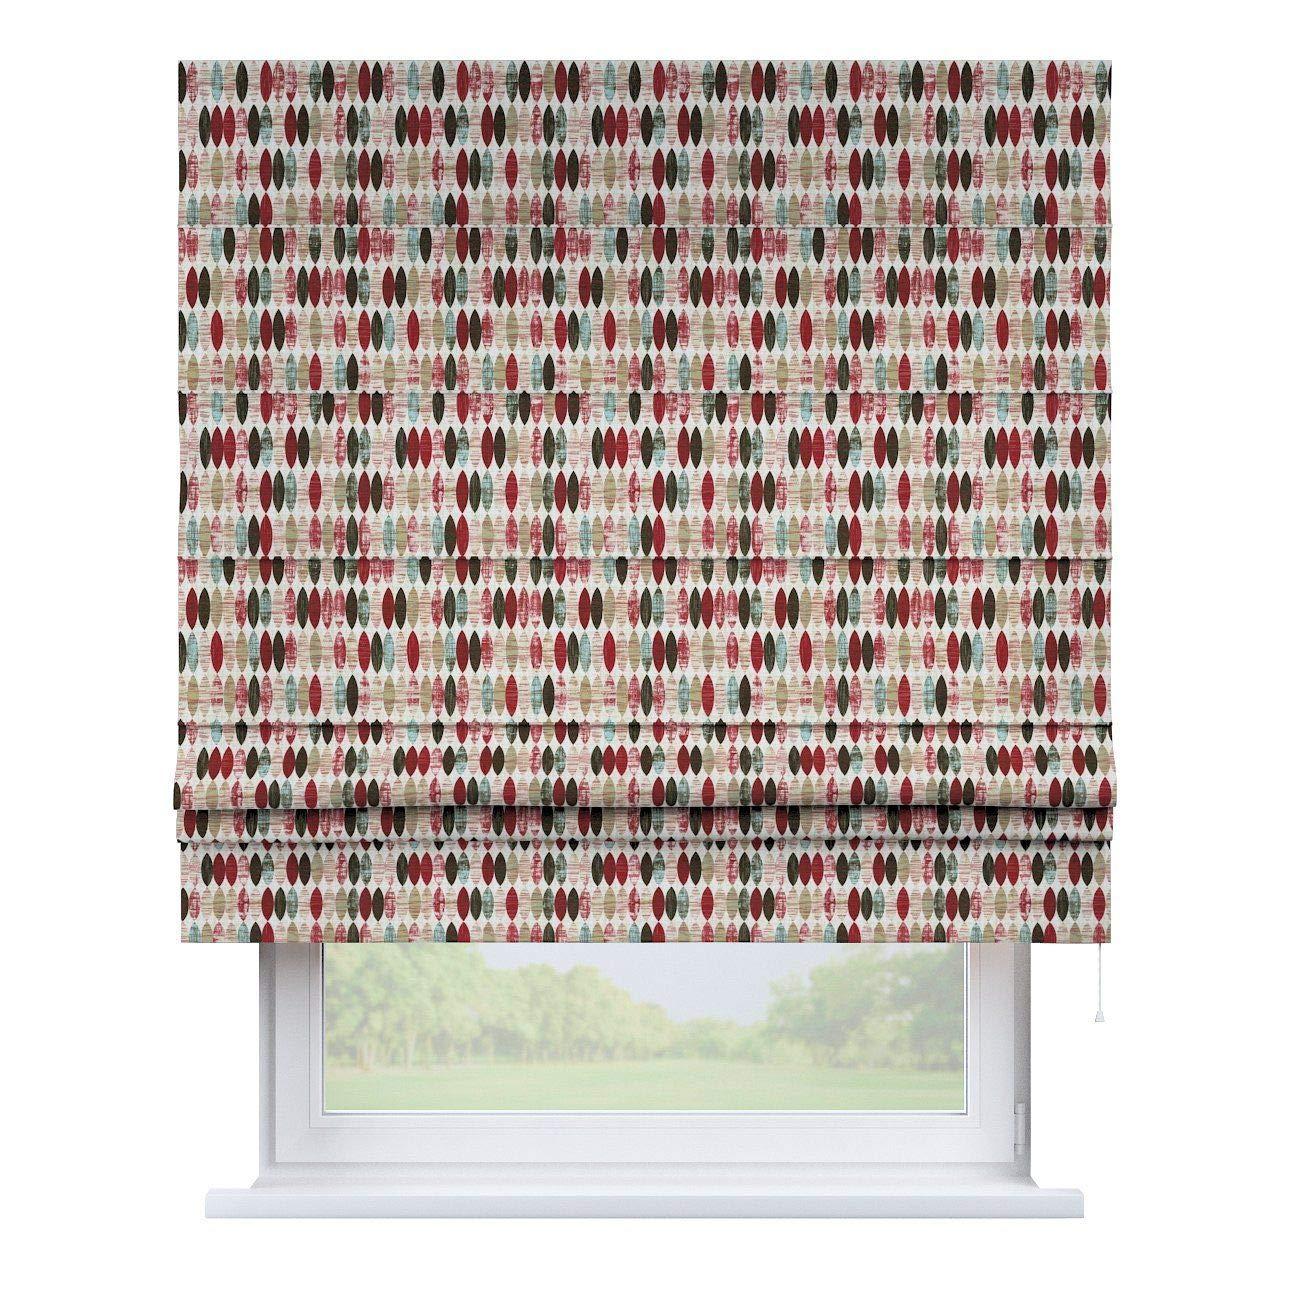 Dekoria Raffrollo Padva ohne Bohren Blickdicht Faltvorhang Raffgardine Wohnzimmer Schlafzimmer Kinderzimmer 160 × 170 cm rot-beige Raffrollos auf Maß maßanfertigung möglich